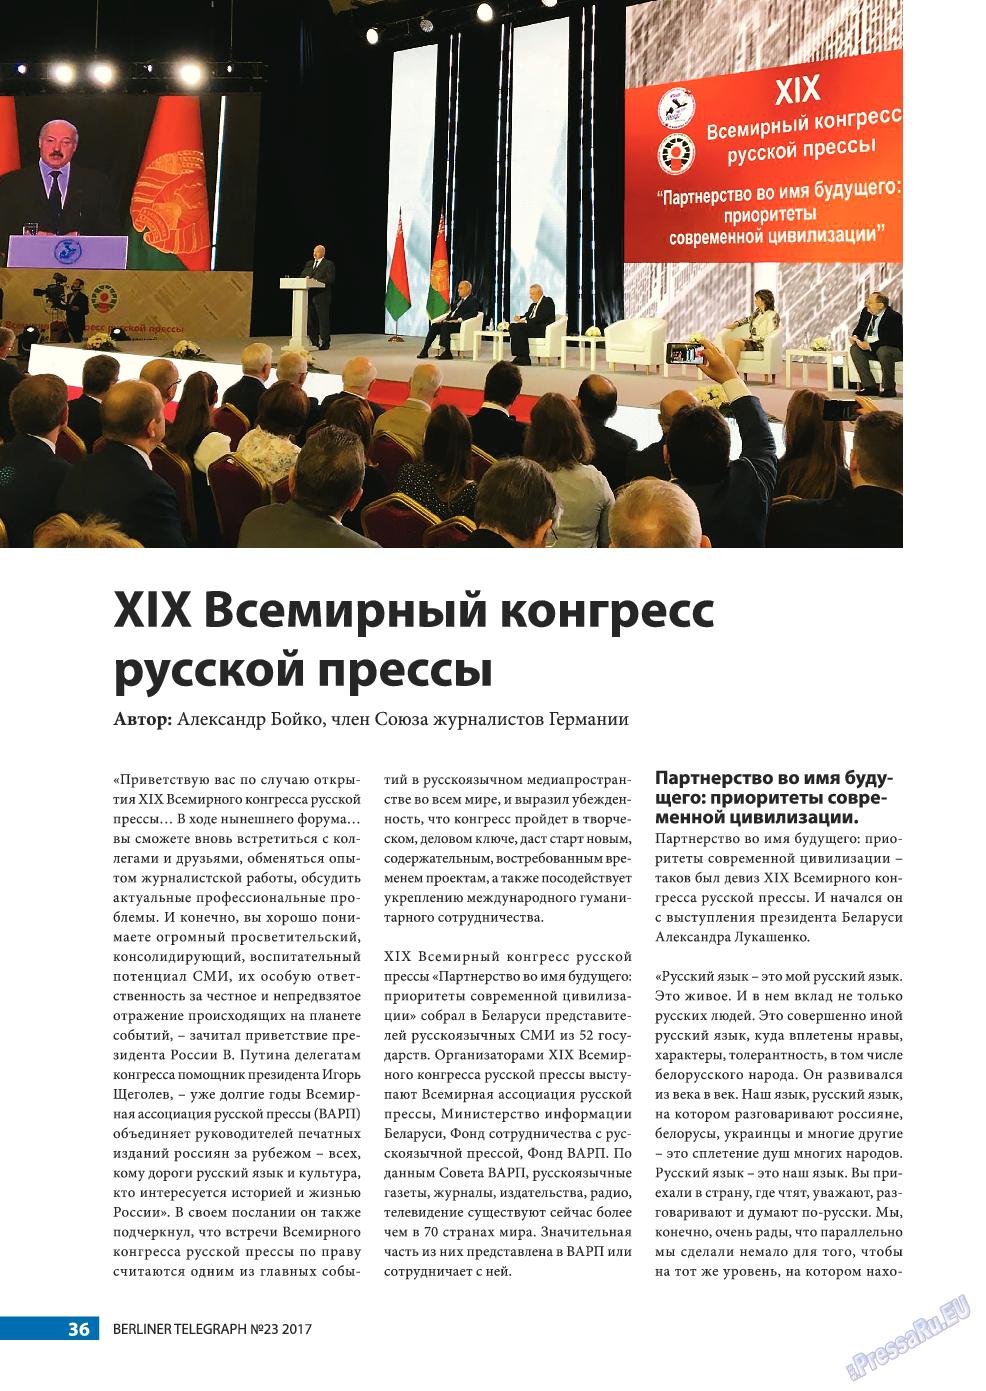 Берлинский телеграф (журнал). 2017 год, номер 23, стр. 36